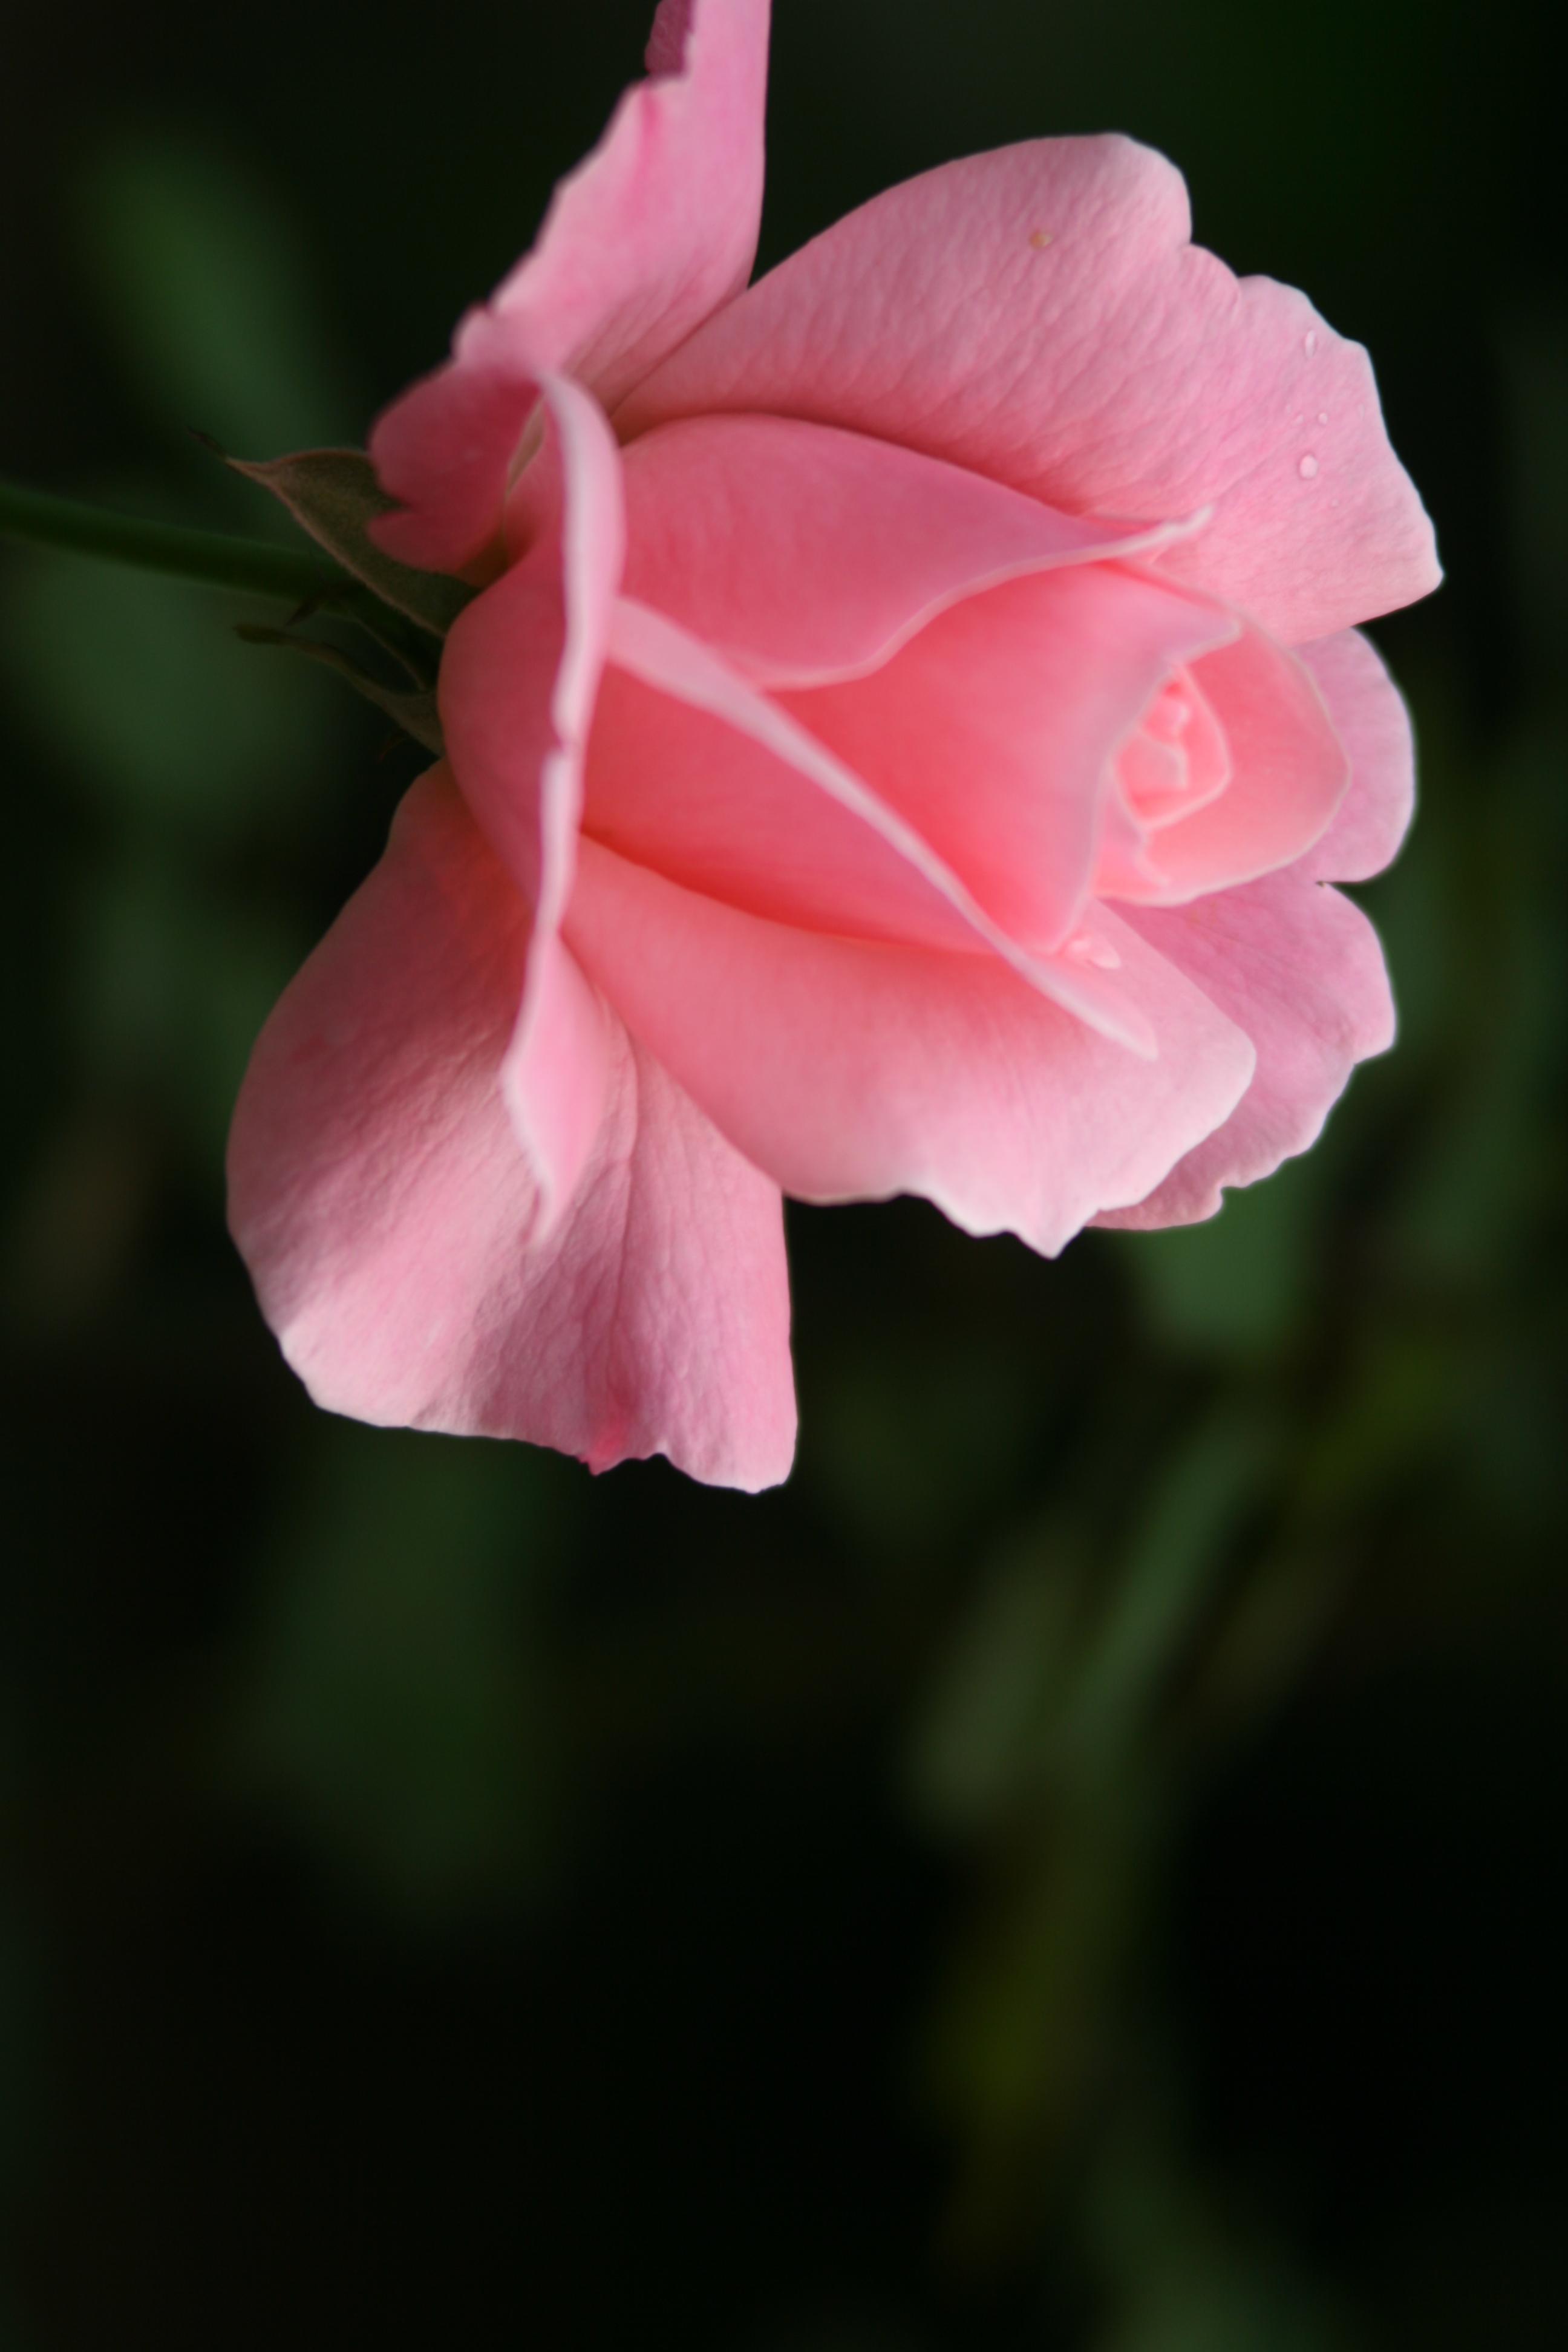 一朵鲜花图片